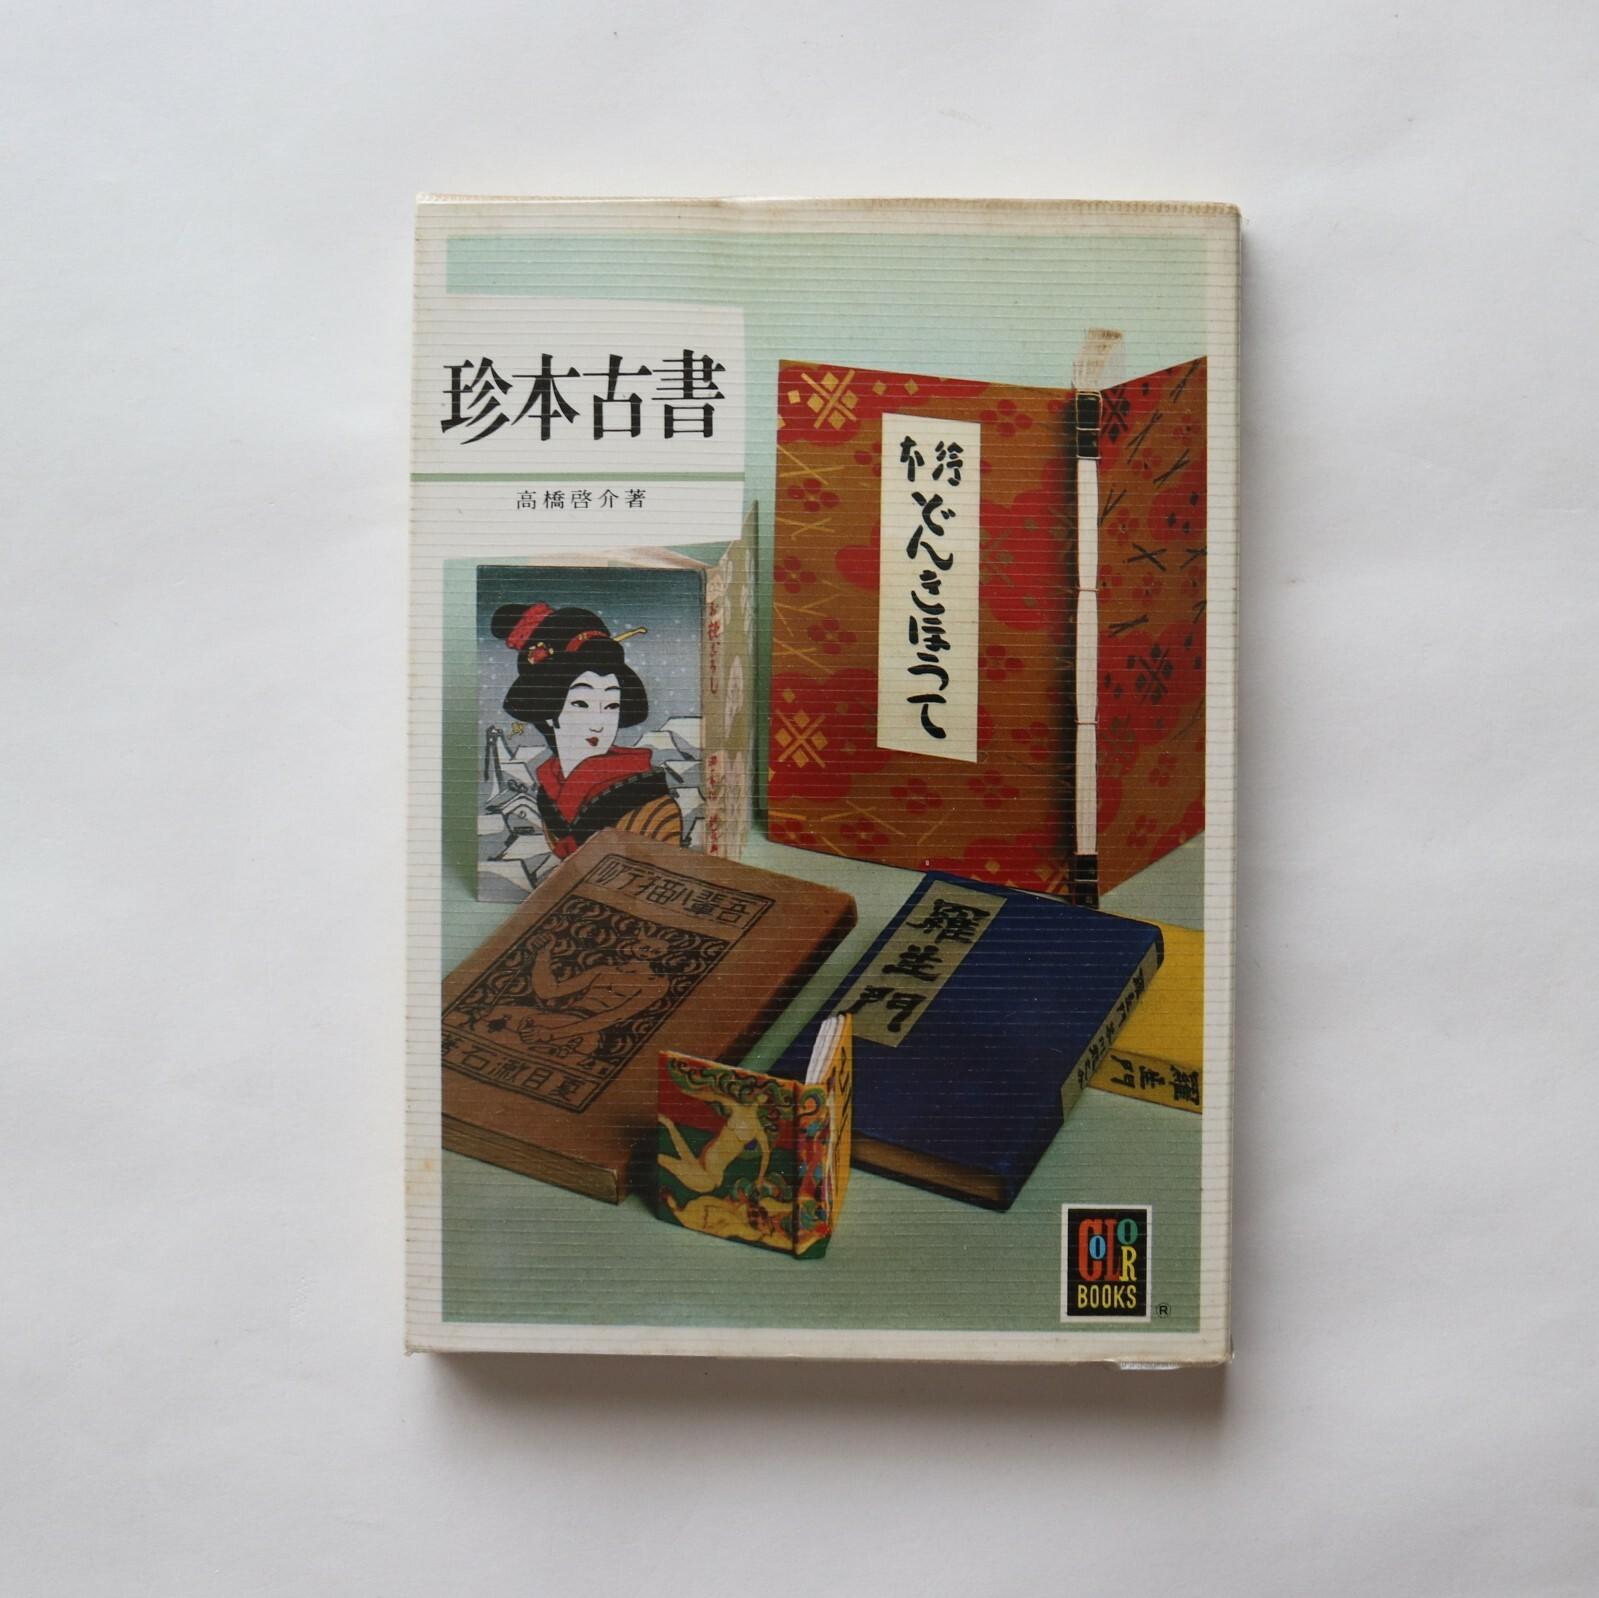 カラーブックス440 珍本古書 / 高橋啓介